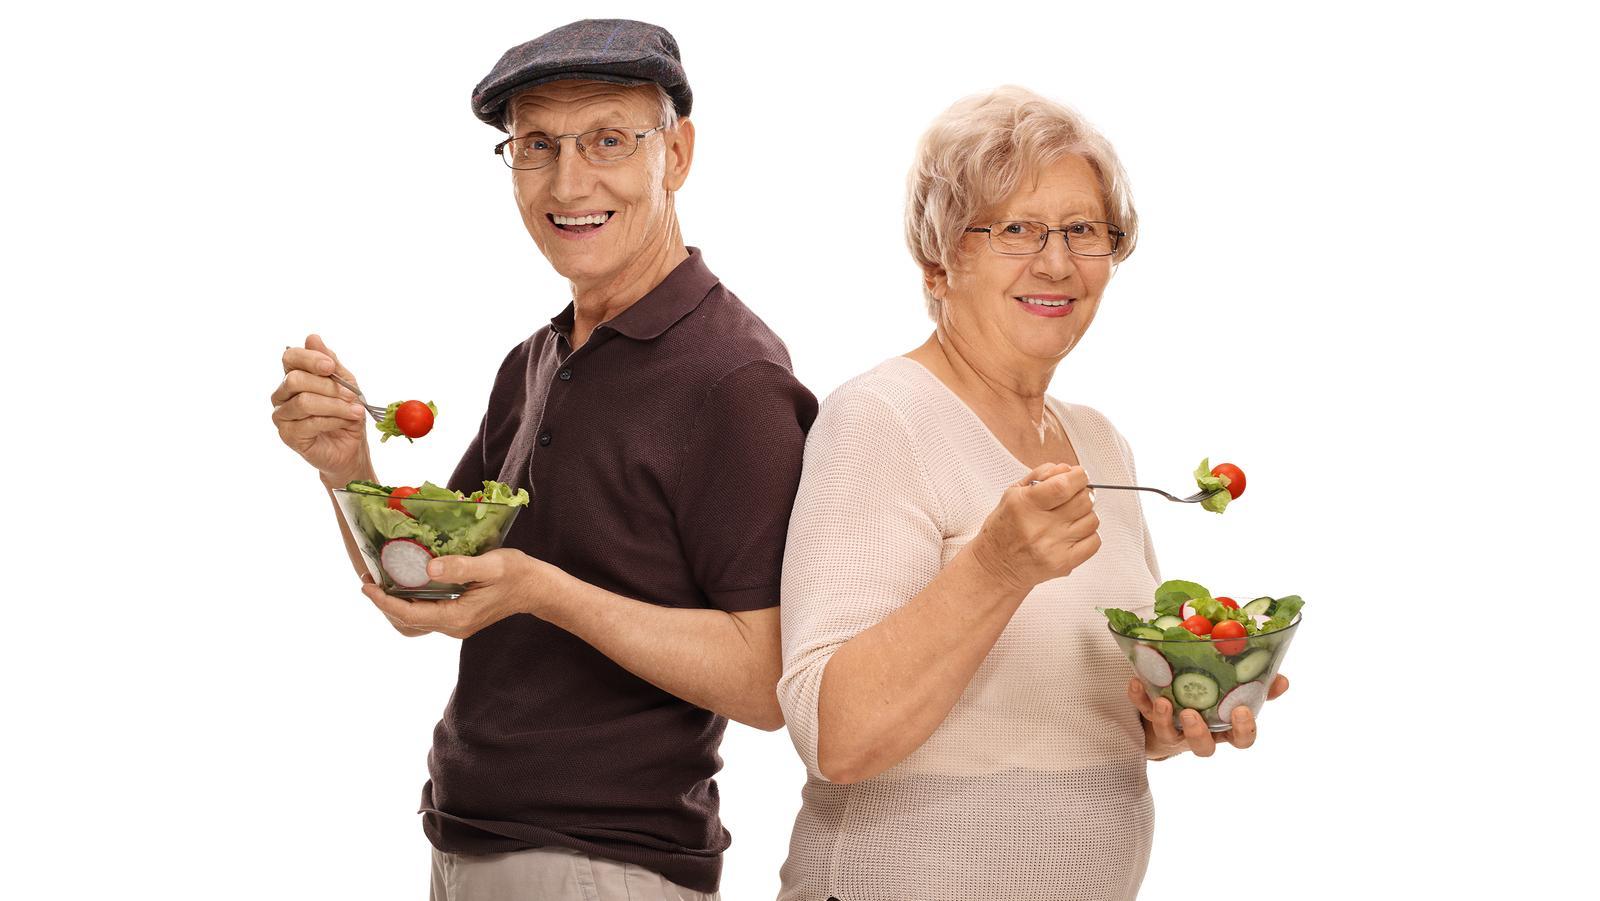 mit tartalmazzon az egészséges táplálkozás lyrics